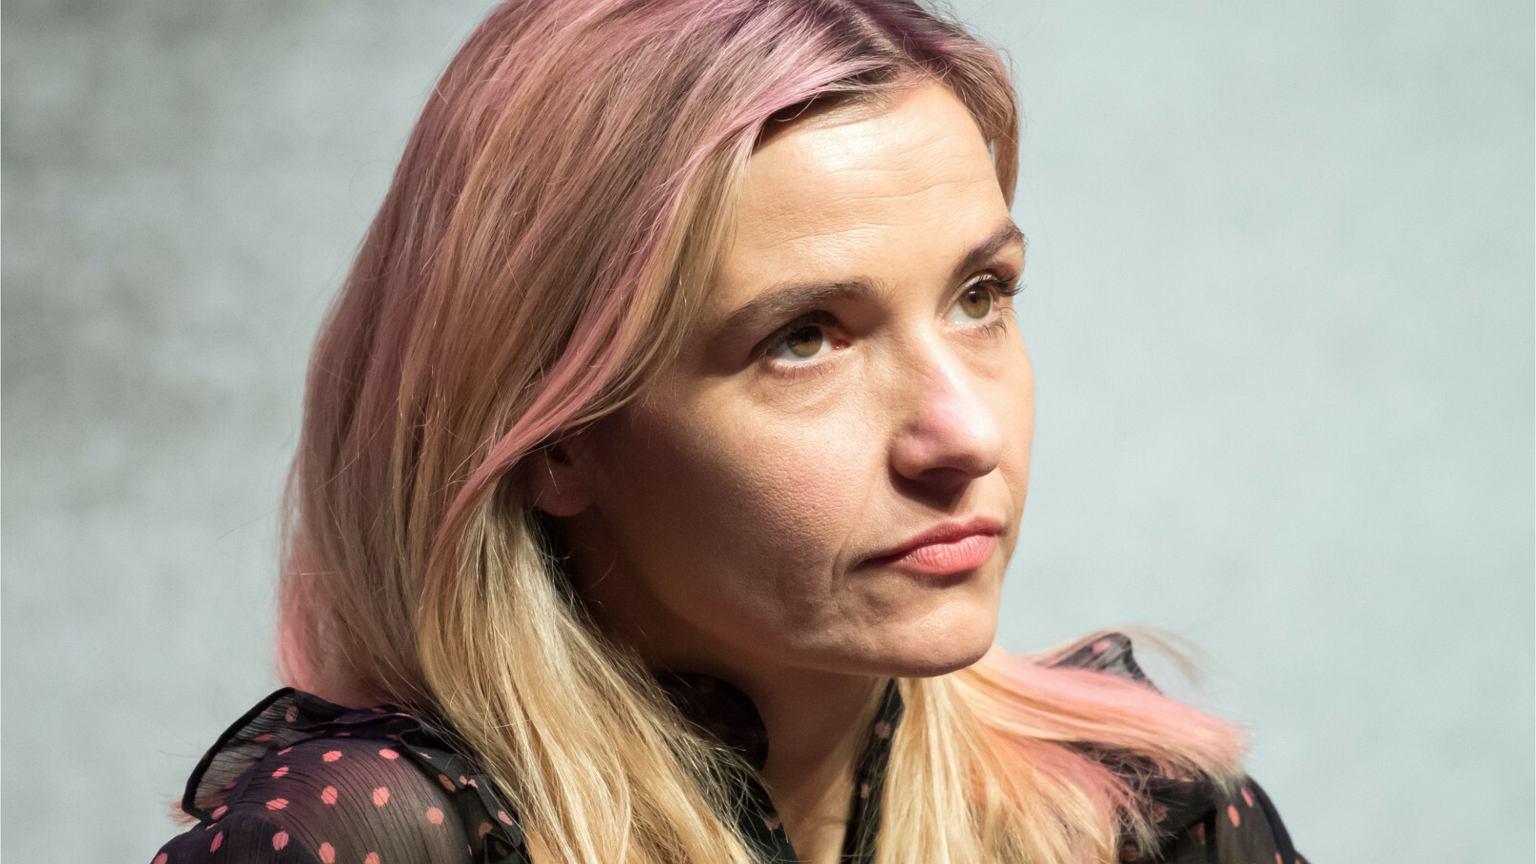 Joanna Koroniewska miała milczeć, ale nie dała rady. Dostała